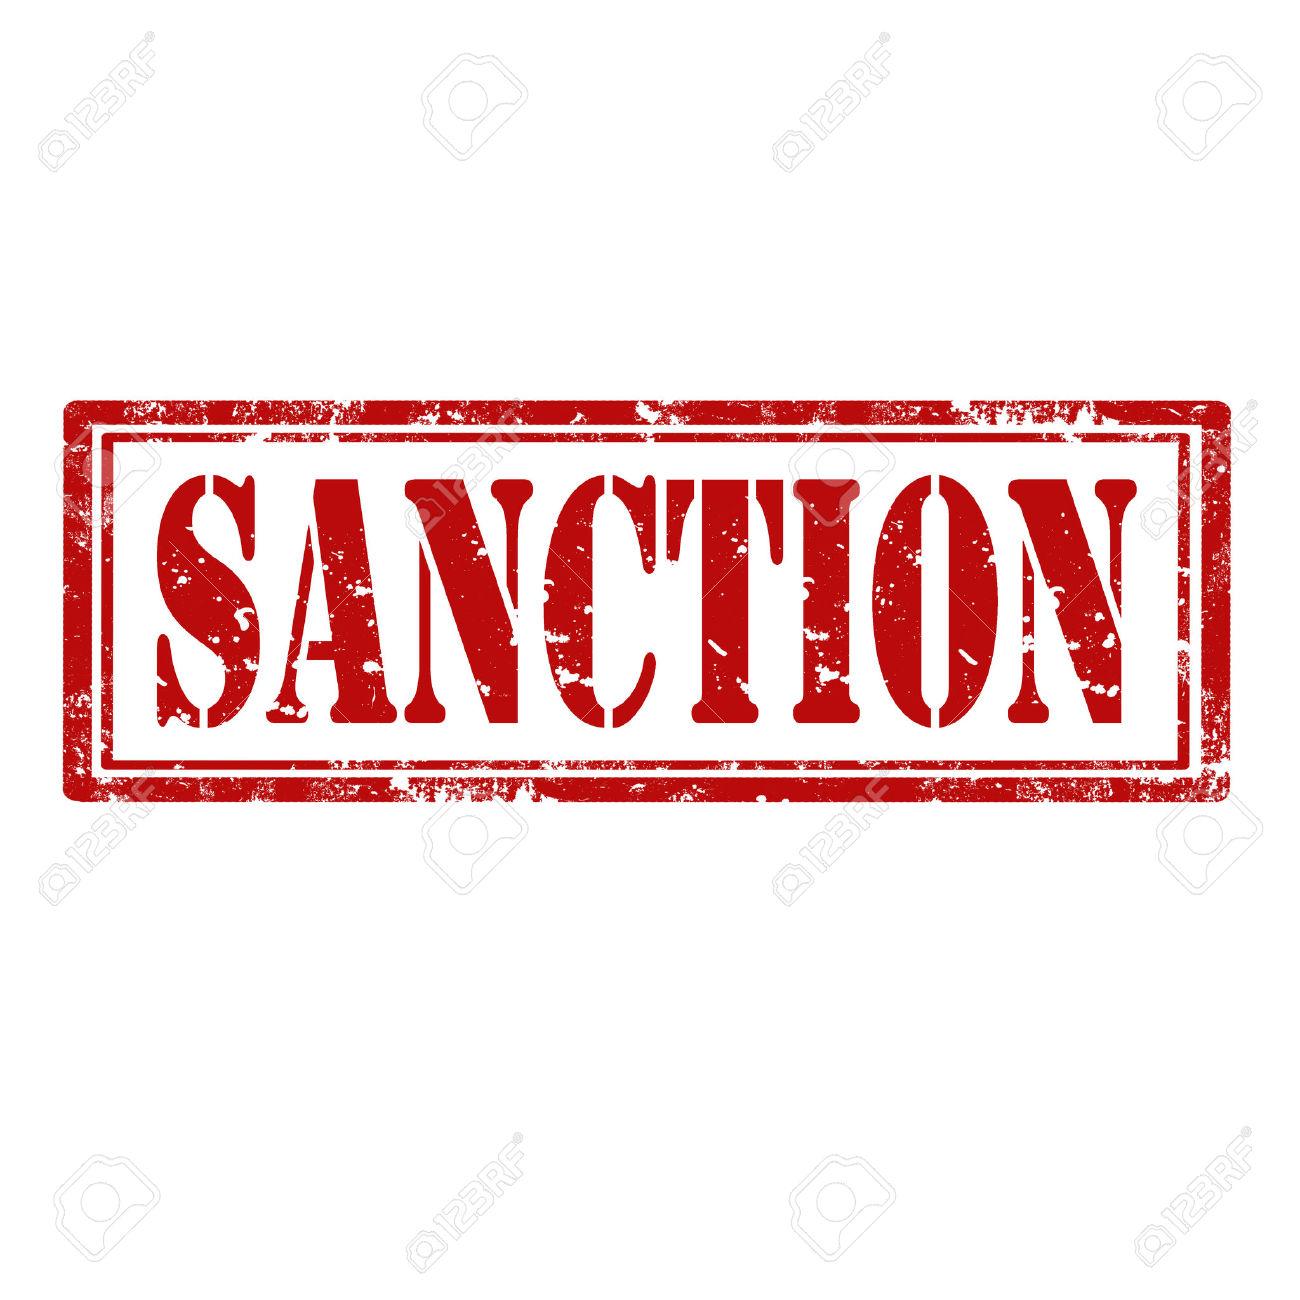 Sanctions Clip Art | Clipart Panda - Free Clipart Images